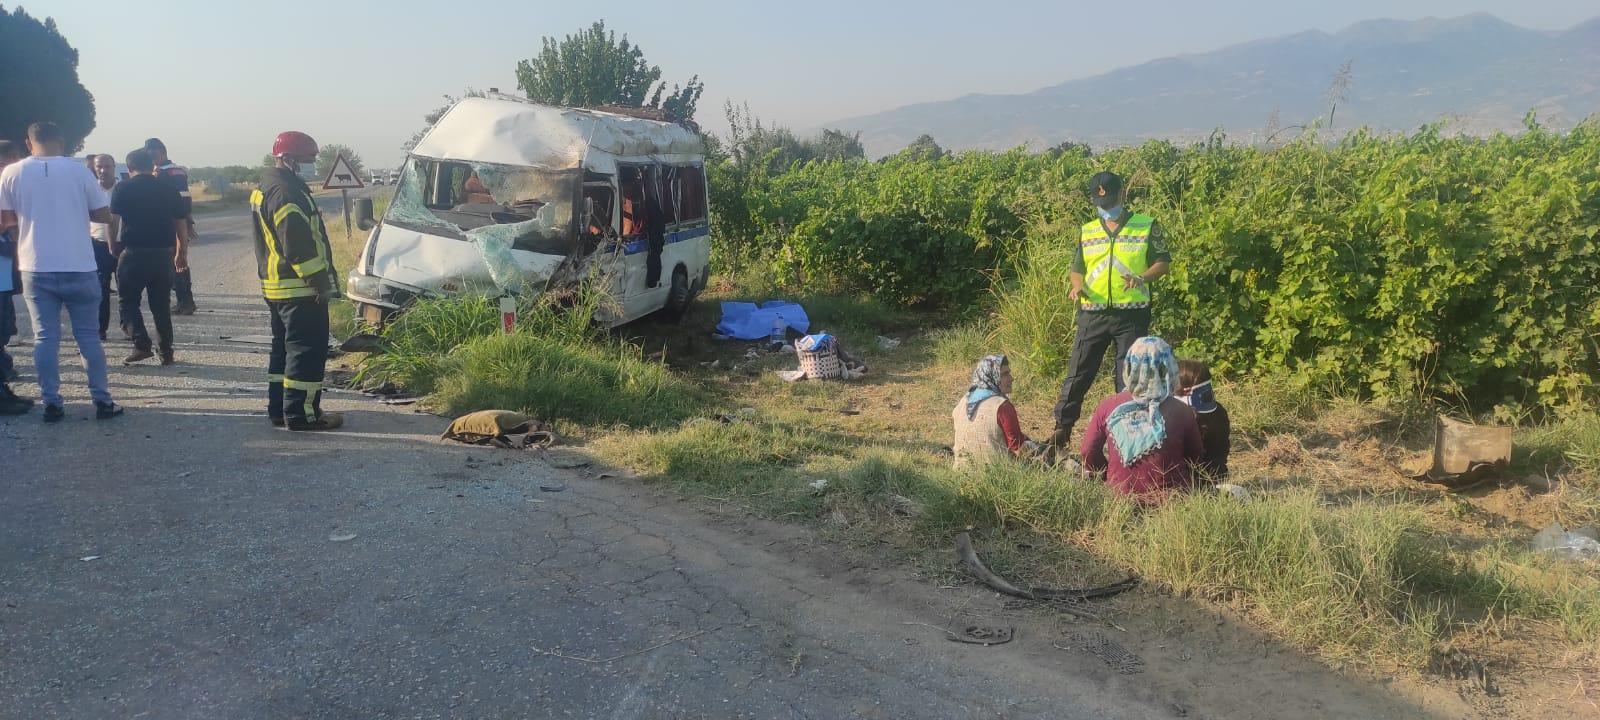 Alaşehir'de işçi servisi ile otomobil çarpıştı : 2 ÖLÜ, 9 Yaralı